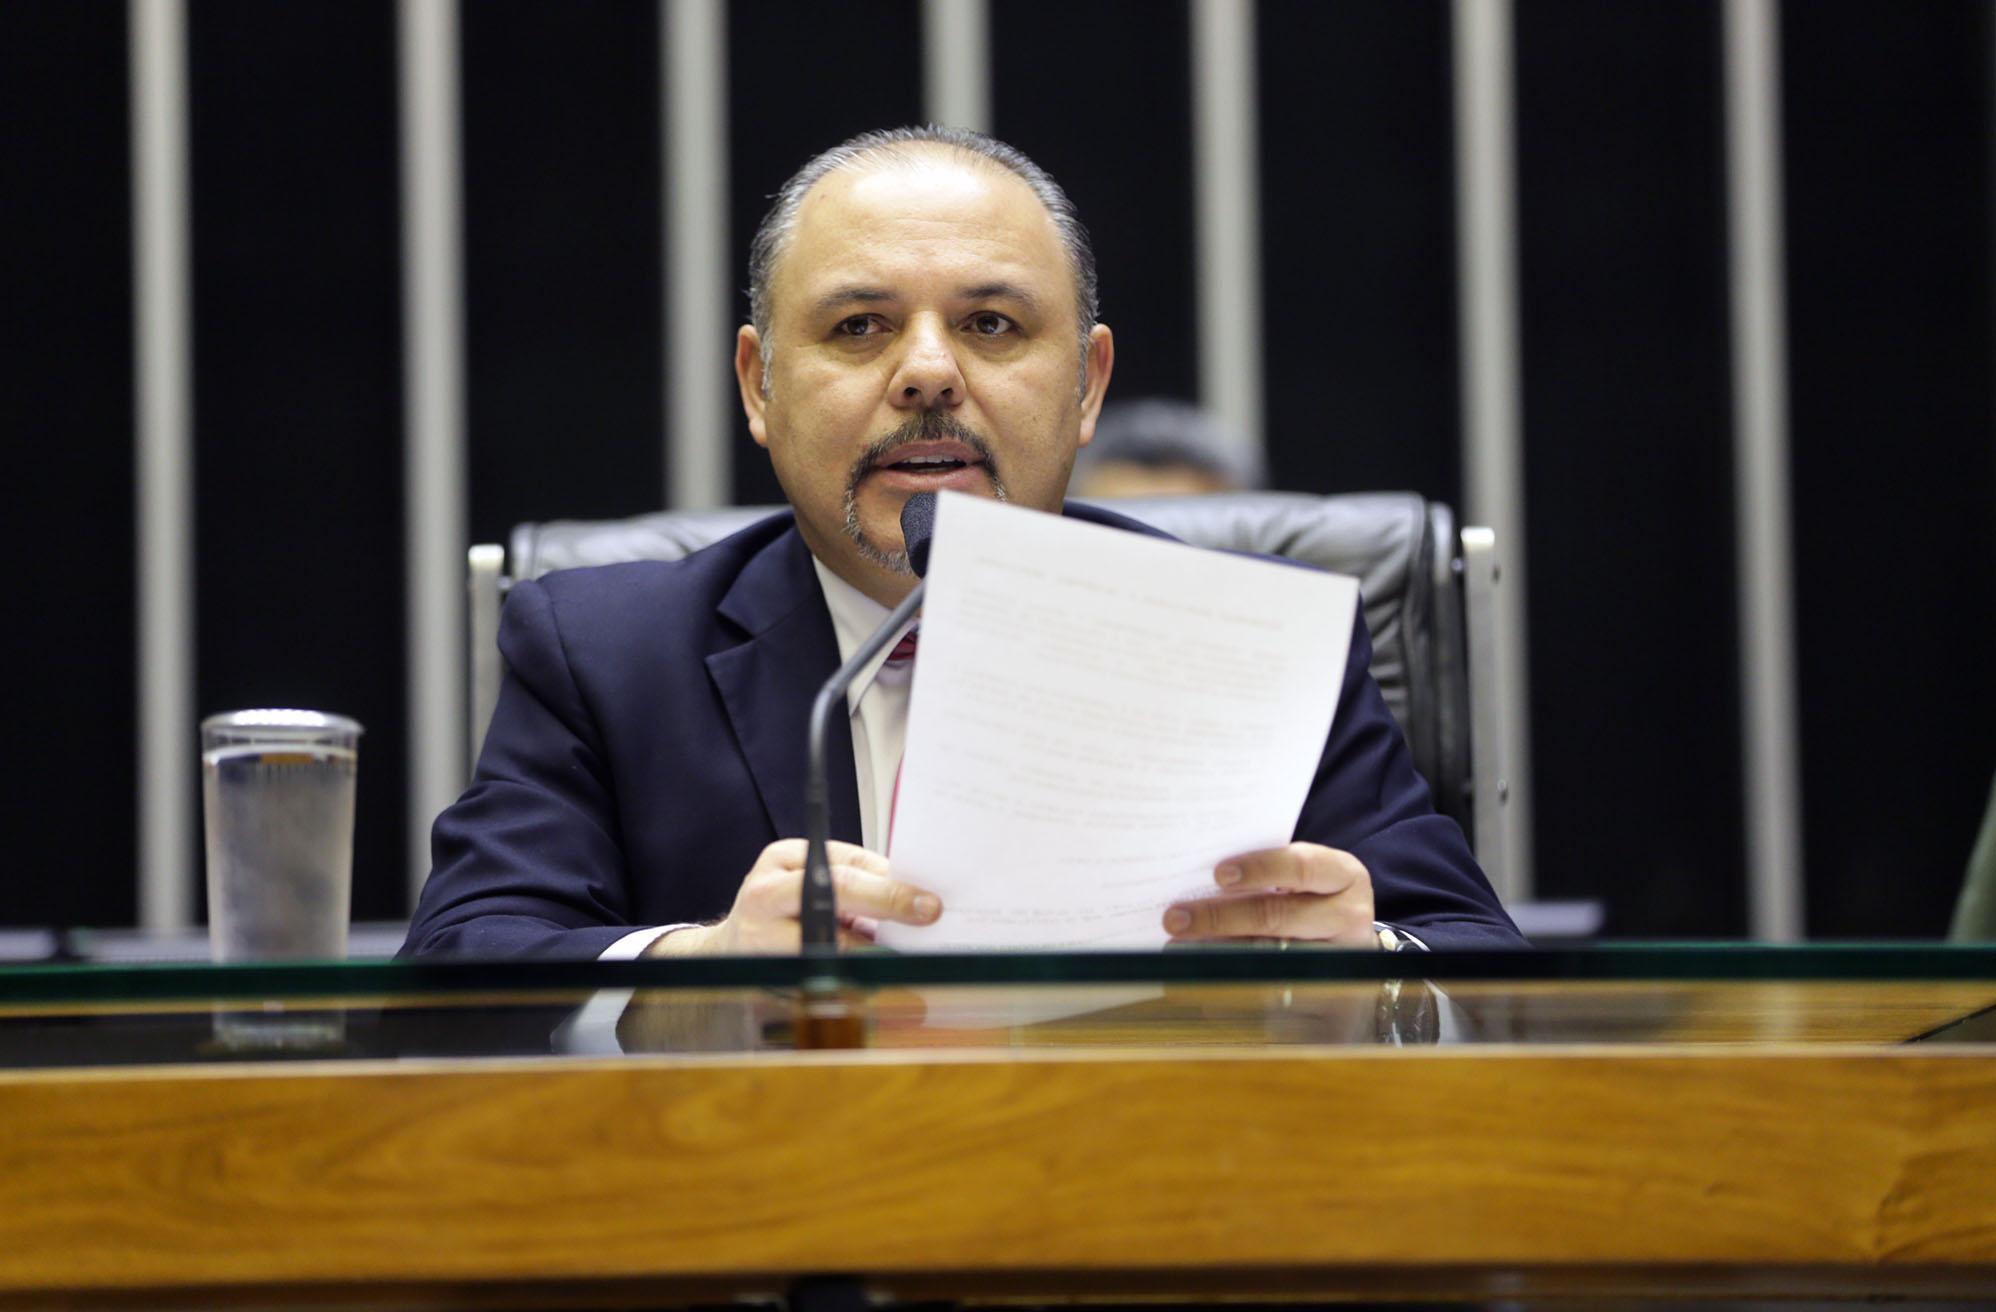 """Comissão Geral Tema: """"A possibilidade de venda da EMBRAER e as eventuais consequências para a economia, segurança nacional e trabalhadores envolvidos. """" Dep. Flavinho (PSC - SP)"""